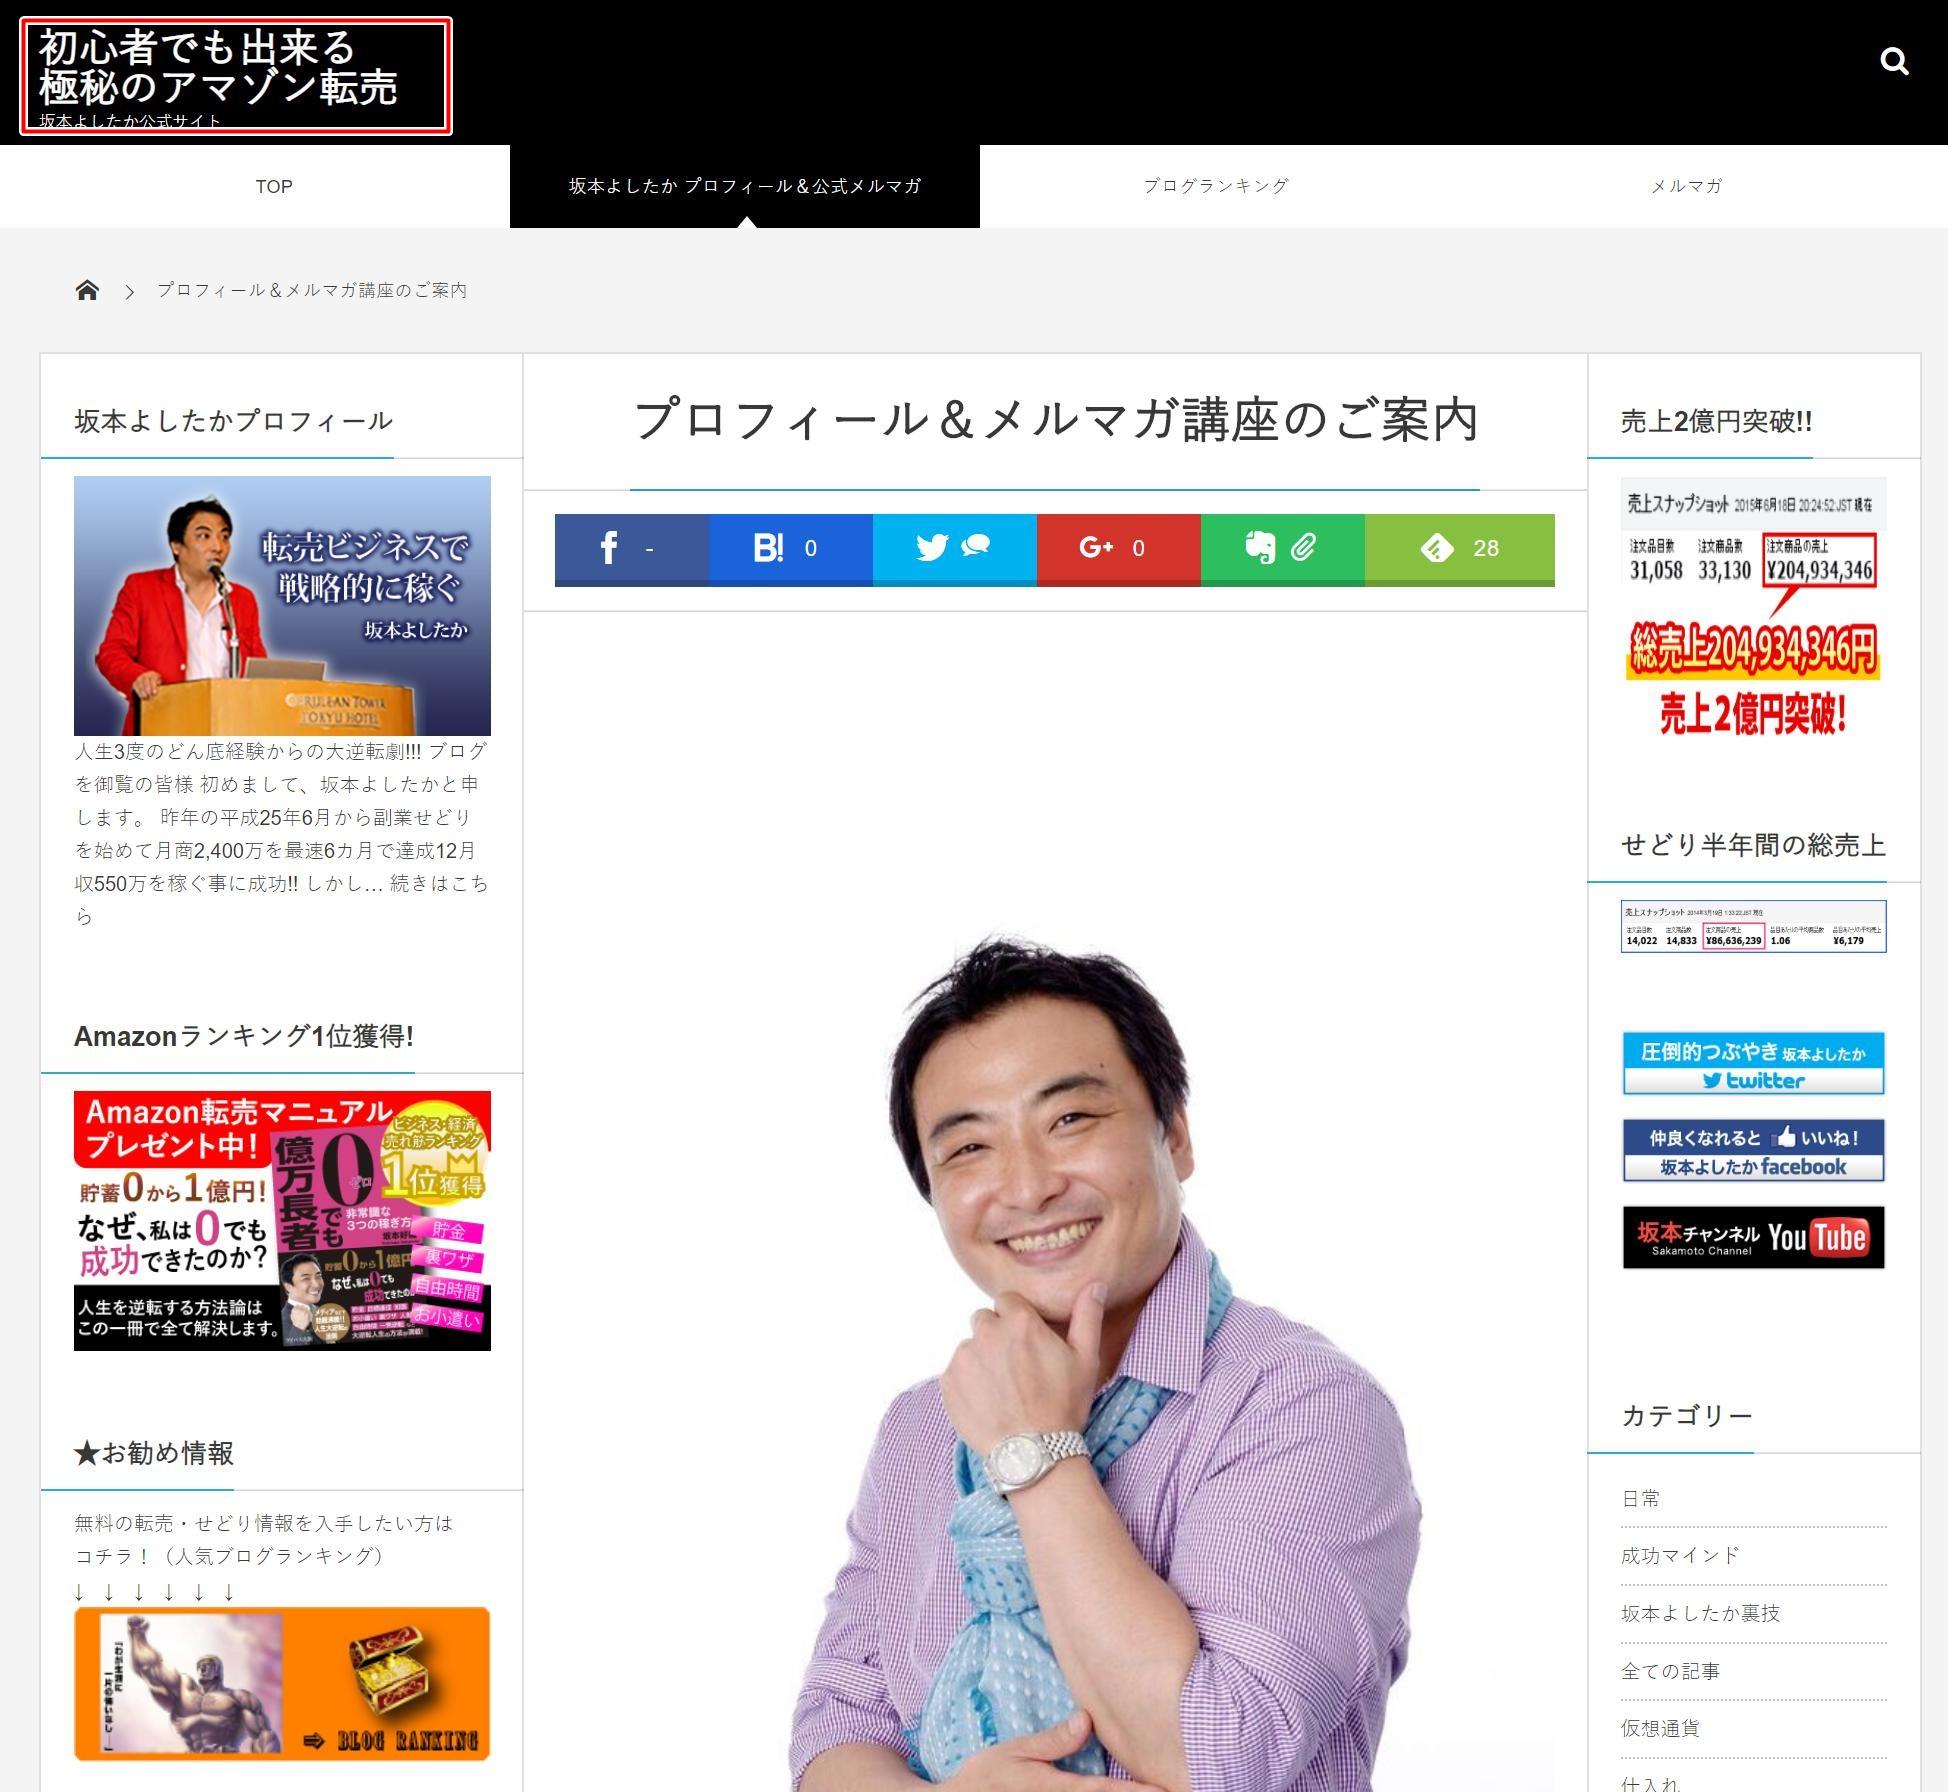 坂本よしたかのWEBサイト